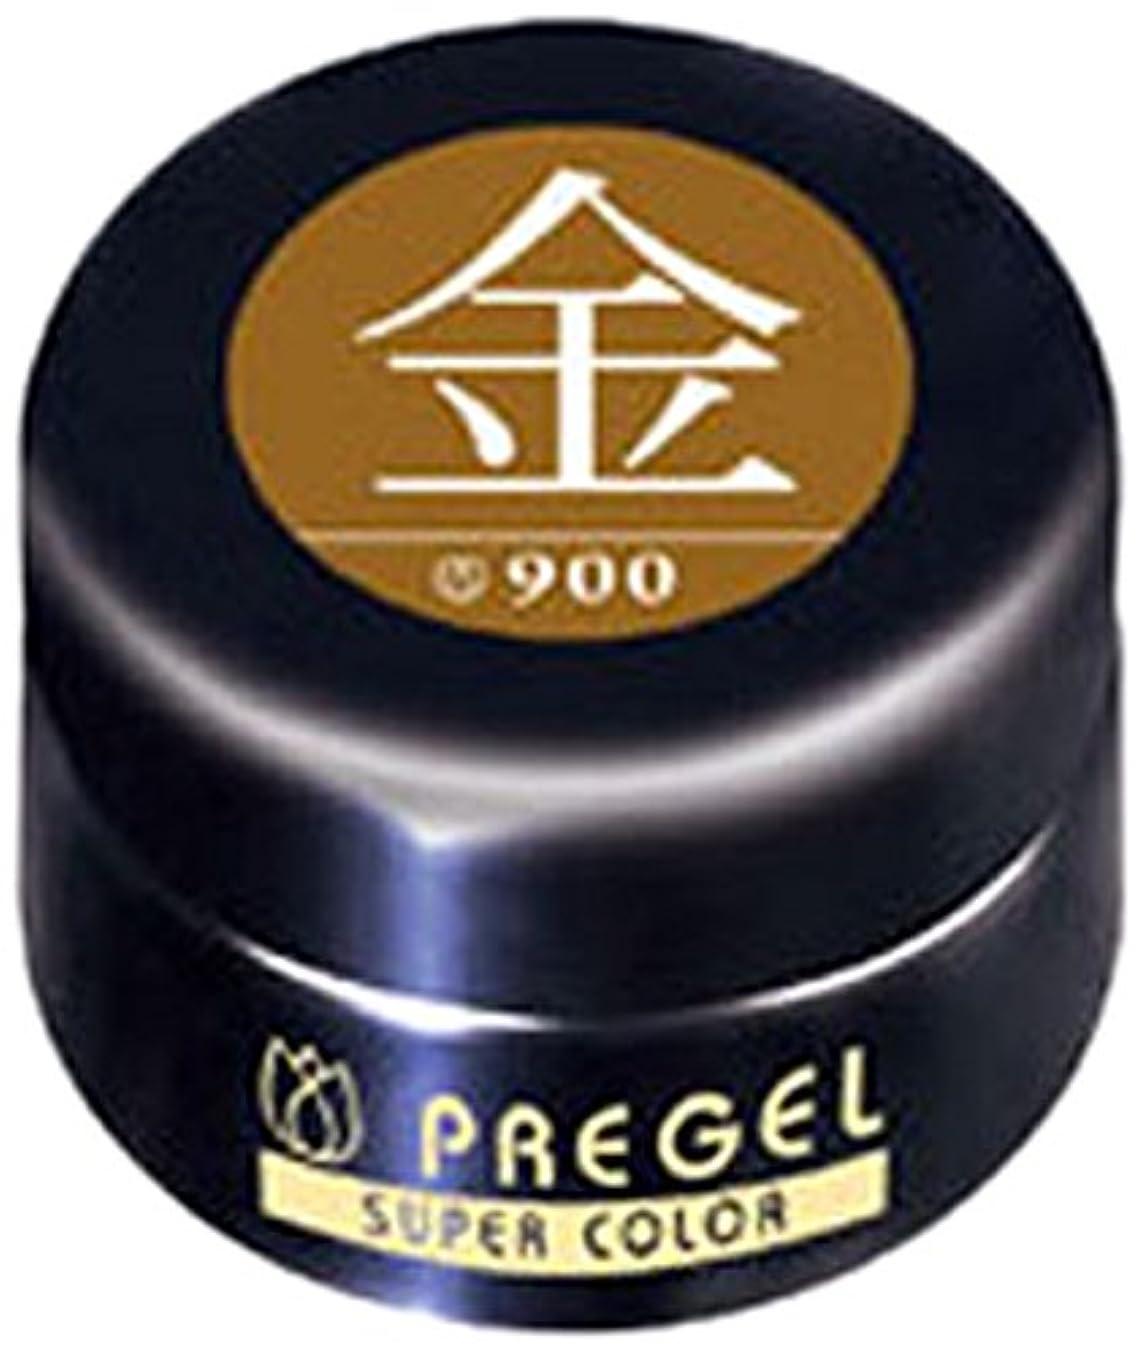 媒染剤ネックレット憤るプリジェル ジェルネイル スーパーカラーEX 金 4g PG-SE900 カラージェル UV/LED対応